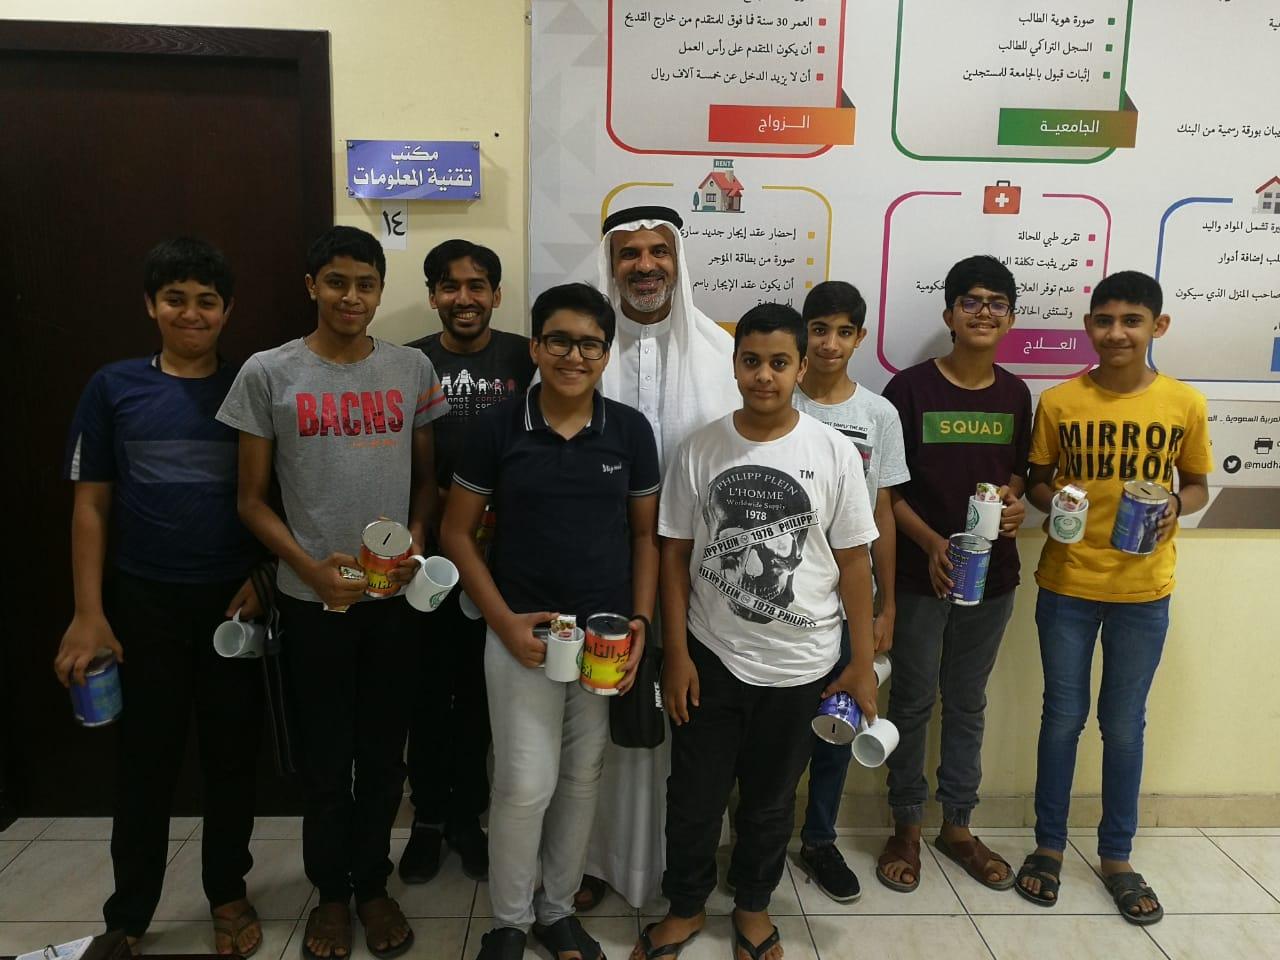 صورة العمل التطوعي بخيرية مضر محطة تثقيفية لفتيان القديح